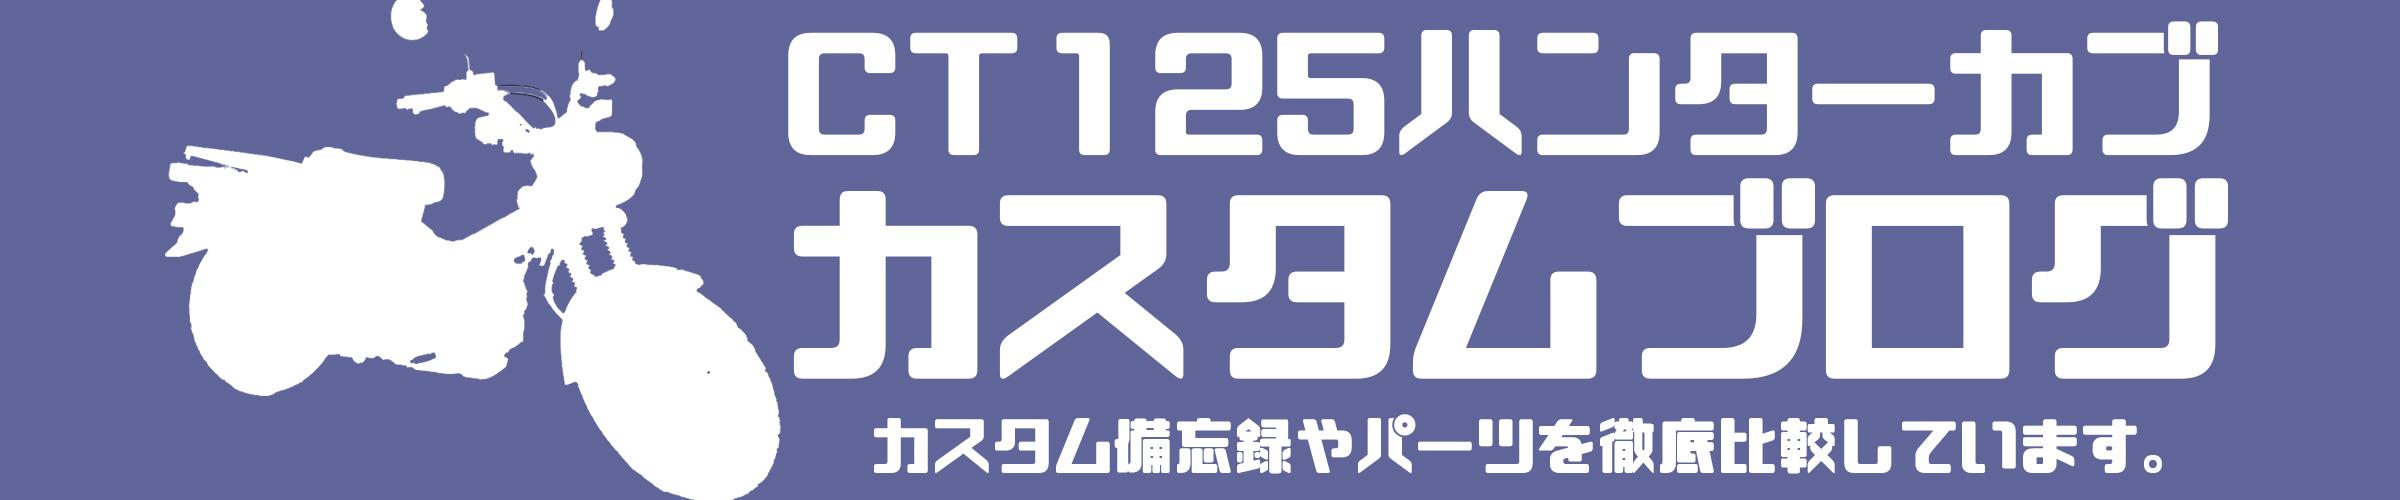 CT125ハンターカブのカスタムブログ